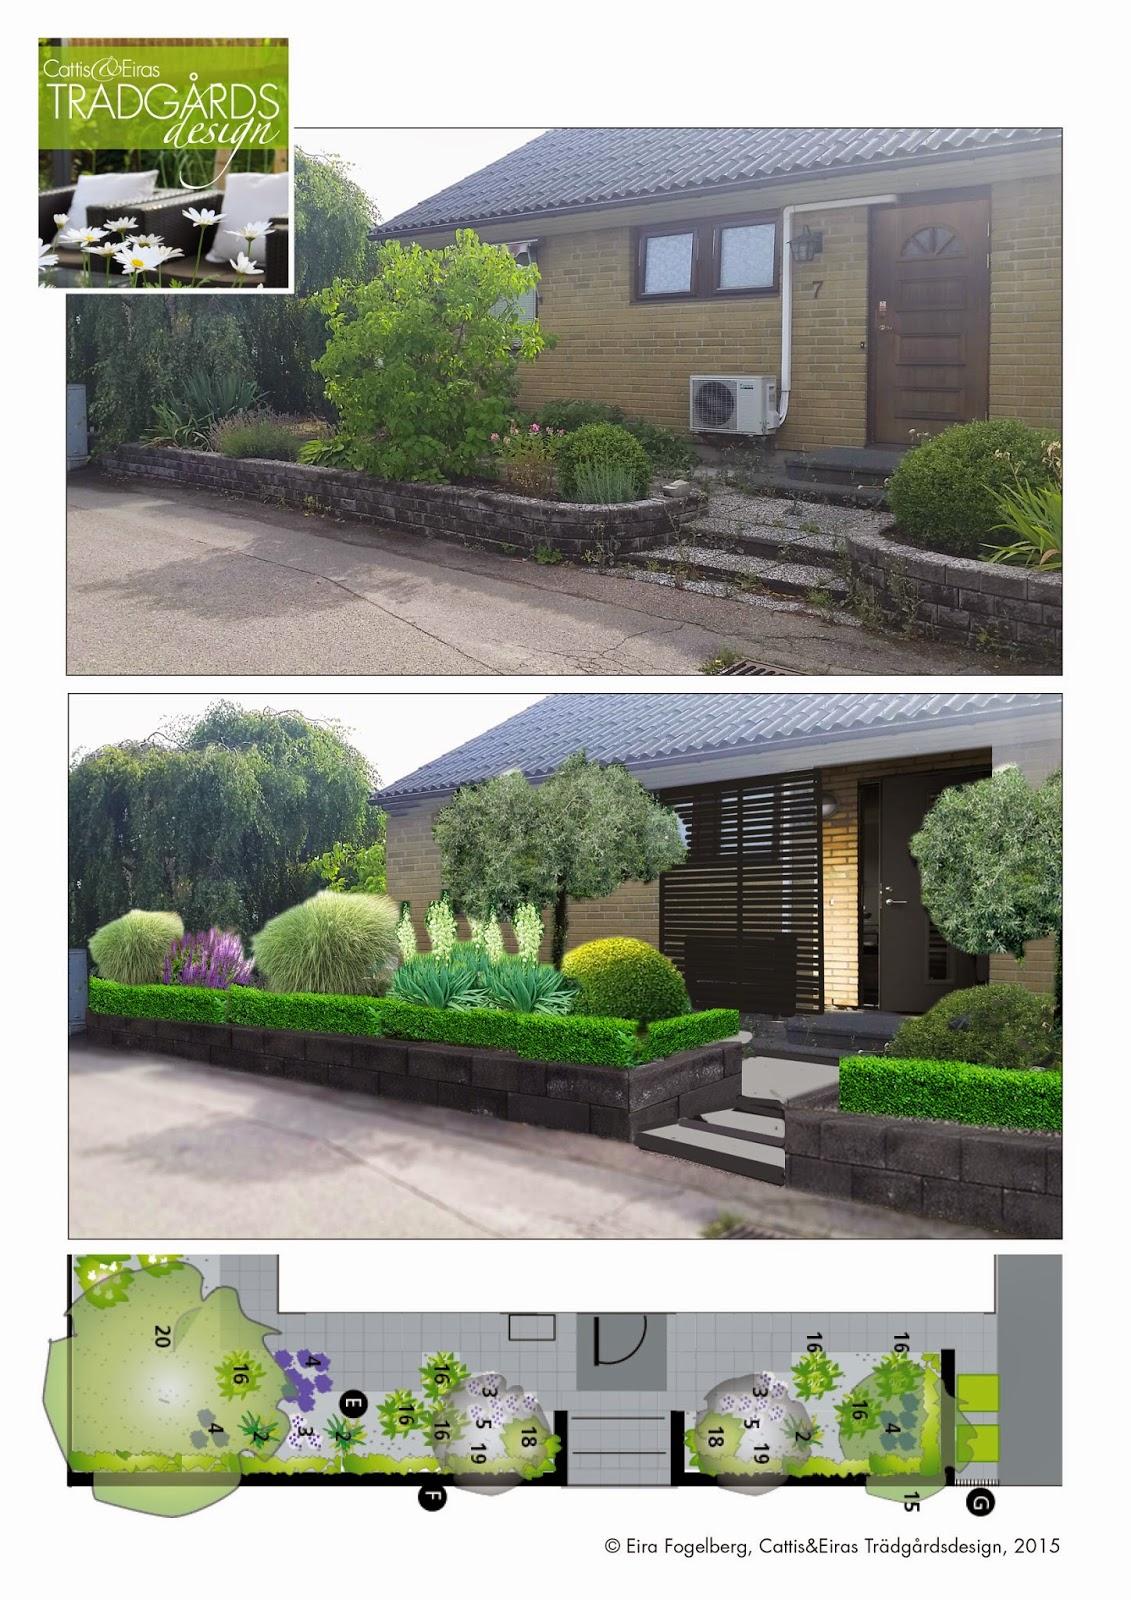 Cattis och eiras trädgårdsdesign: ritningar